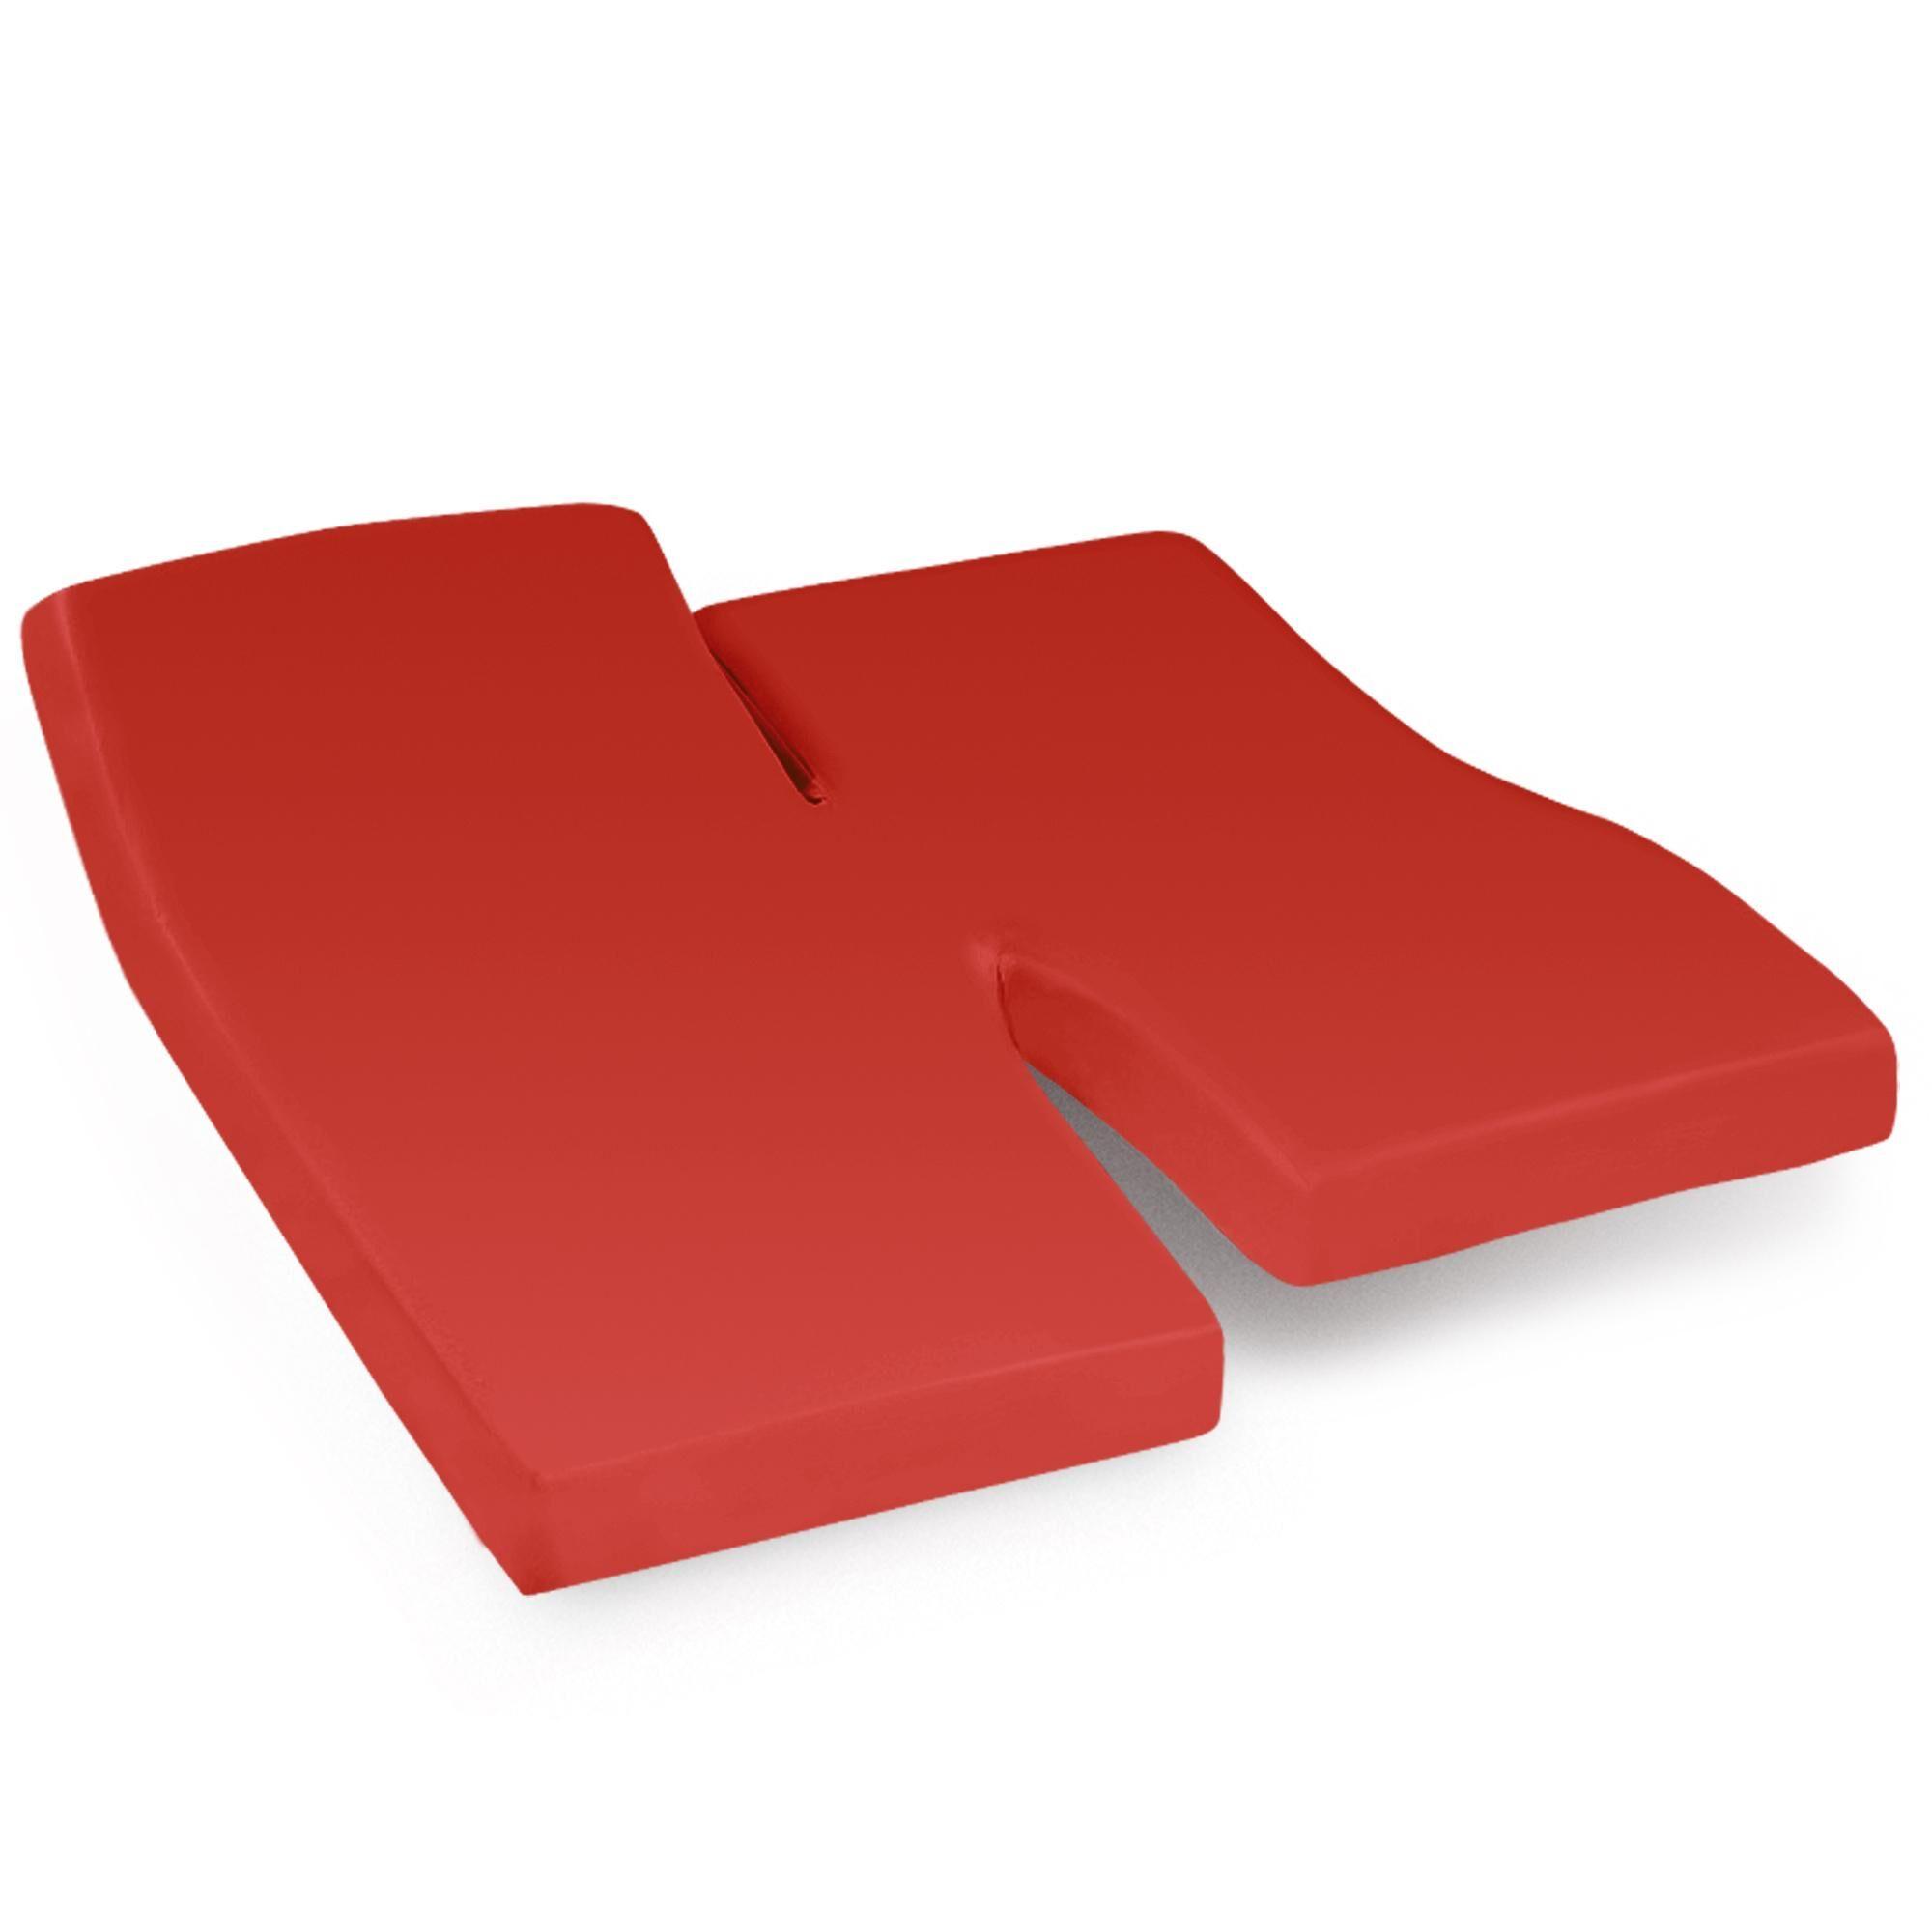 Linnea Drap housse relaxation uni 2x70x200 cm 100% coton ALTO orange Baie de Goji TPR Tête et pied relevable